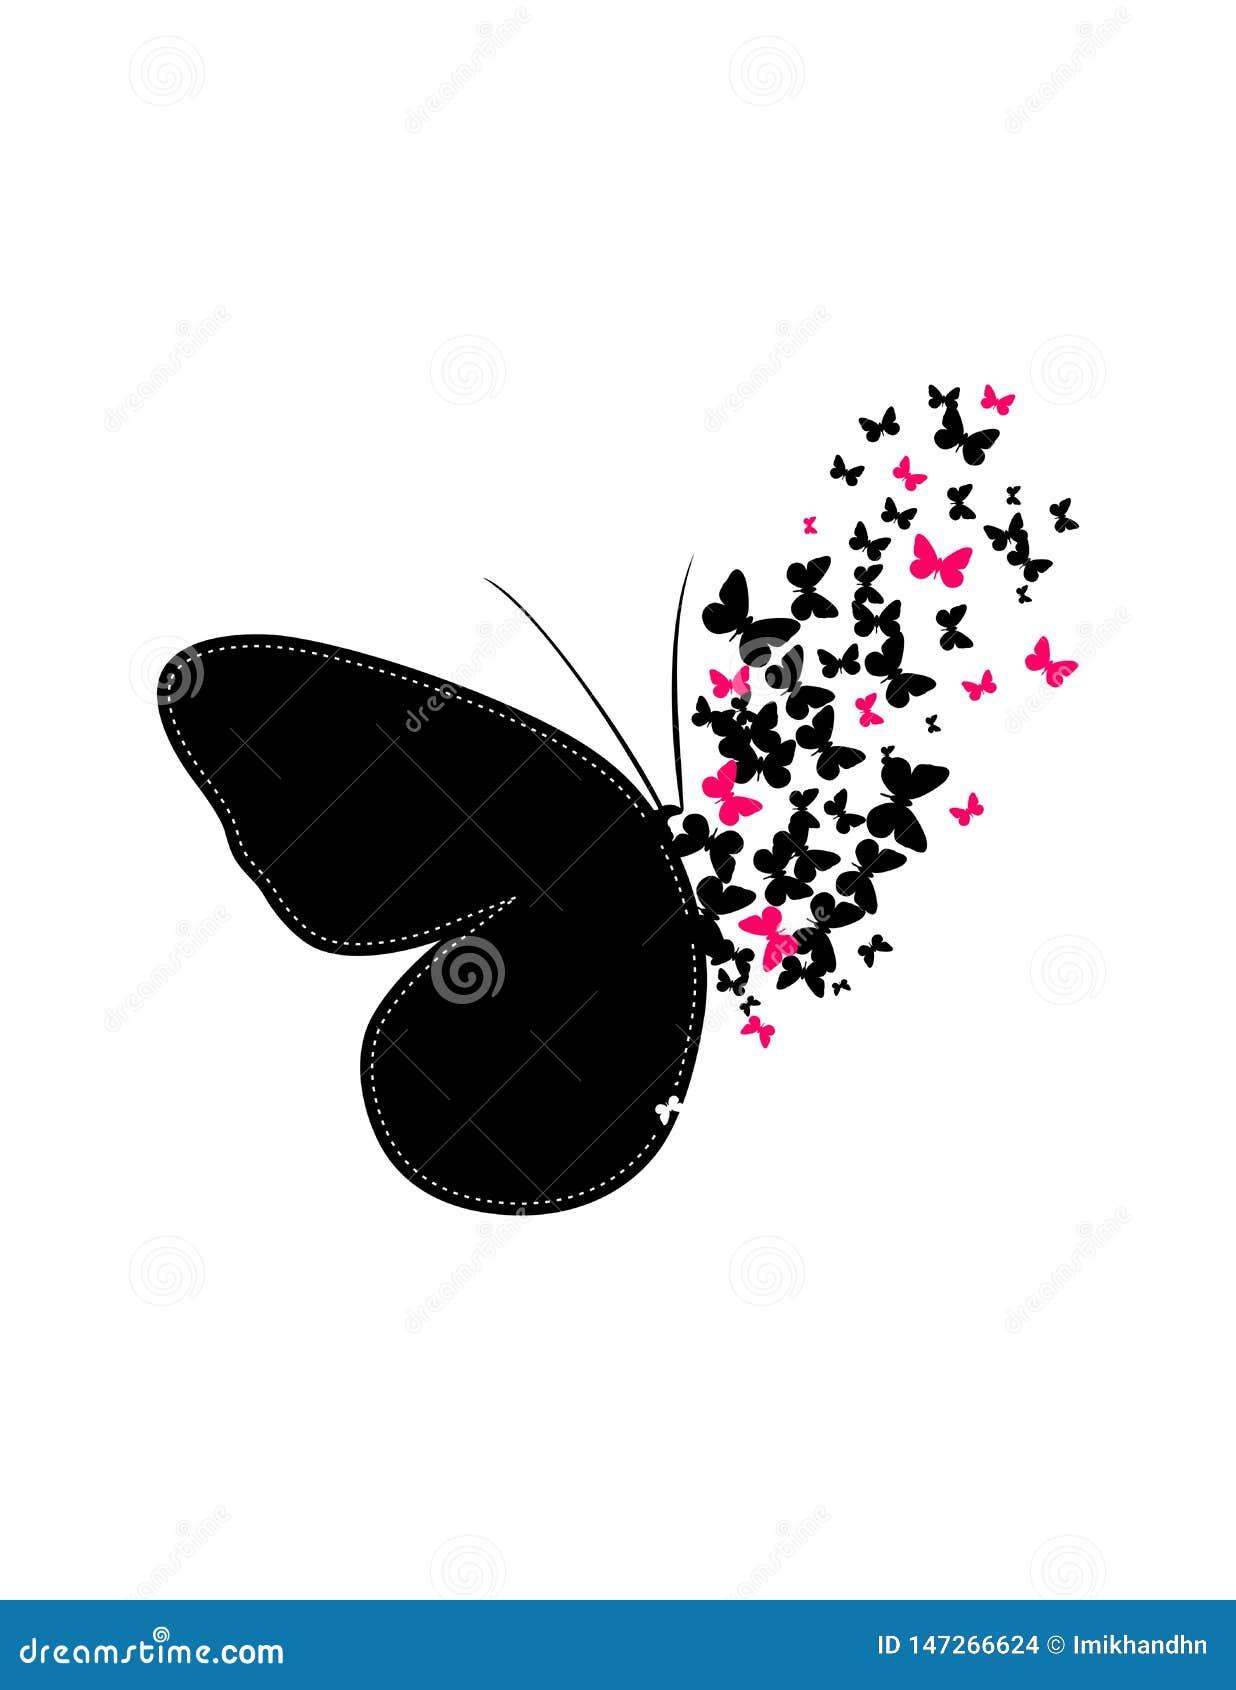 Las mariposas hacen la imagen grande juntas